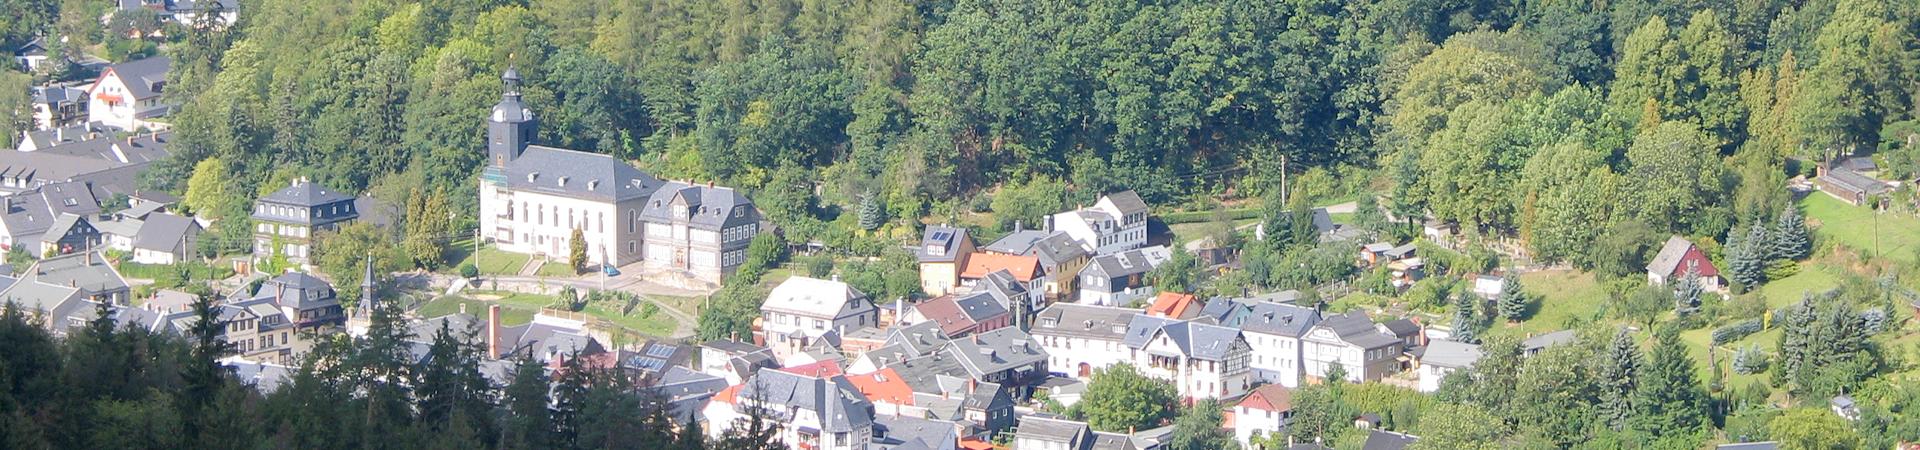 Blick auf Leutenberg